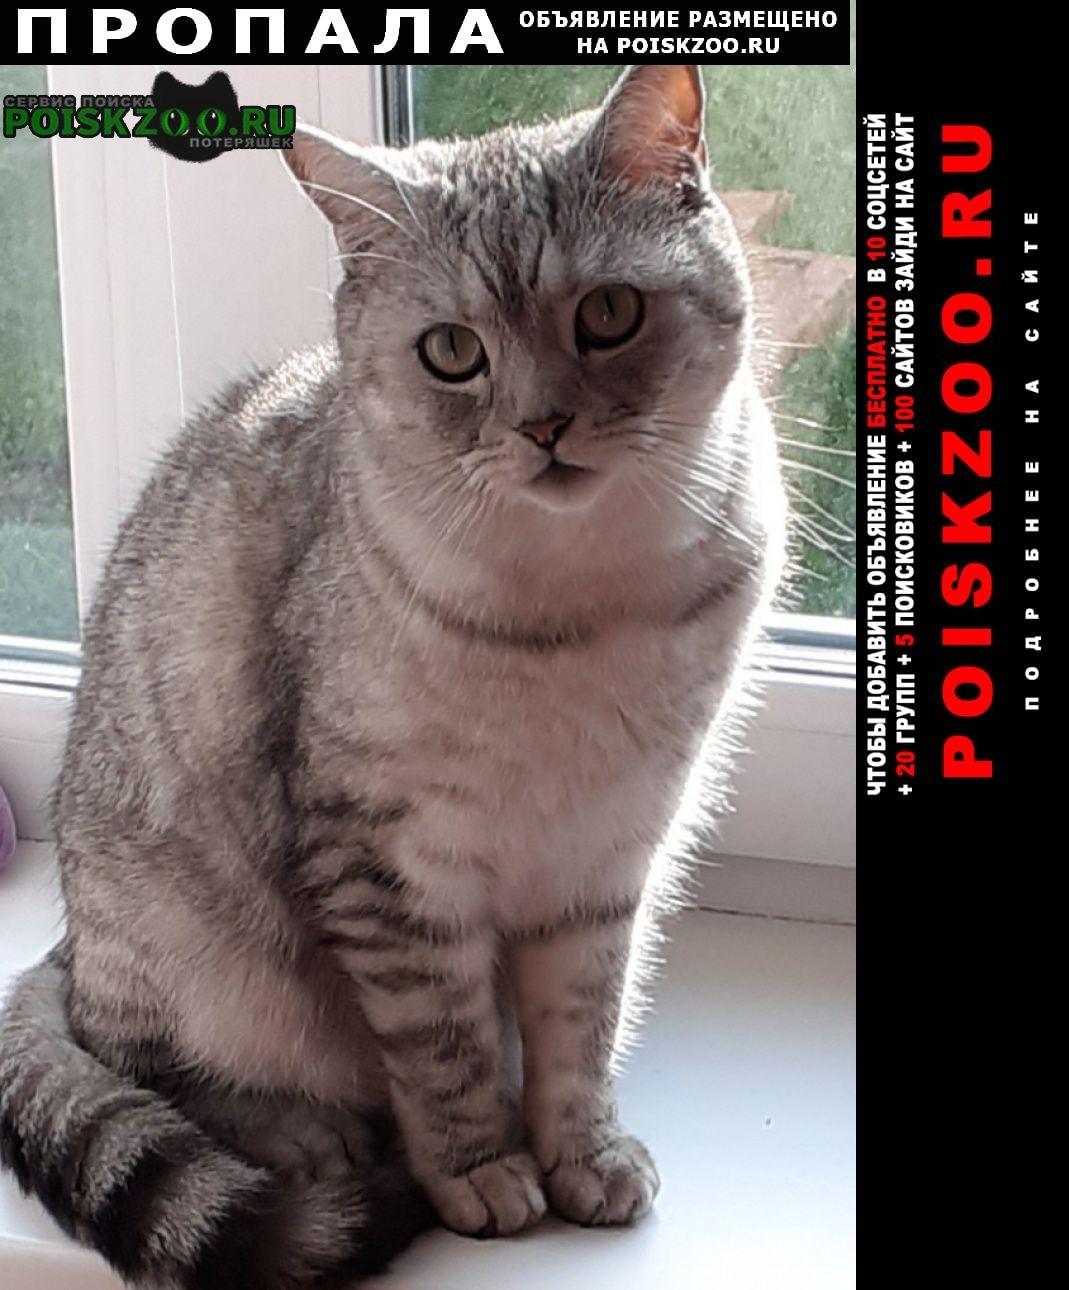 Пропала кошка кот Крапивинский